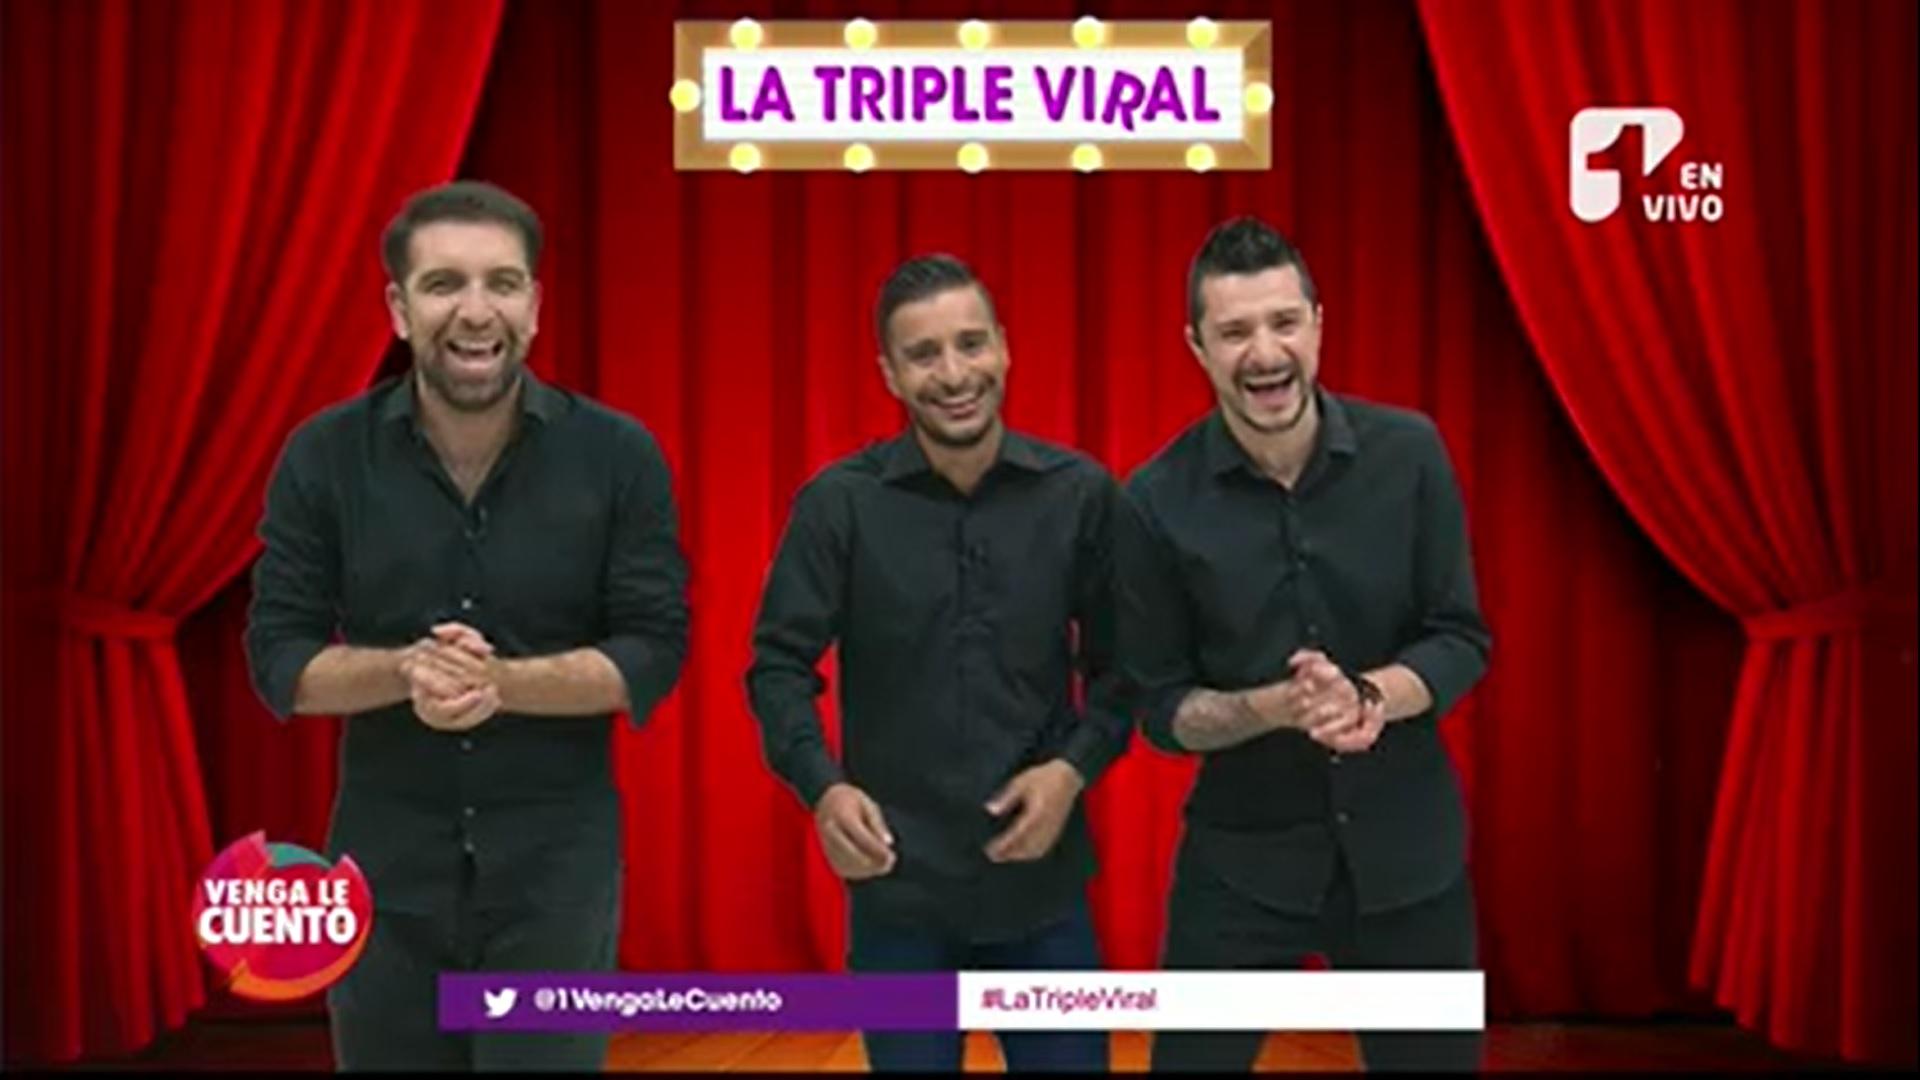 «La triple viral»: Sabes que viene diciembre cuando…